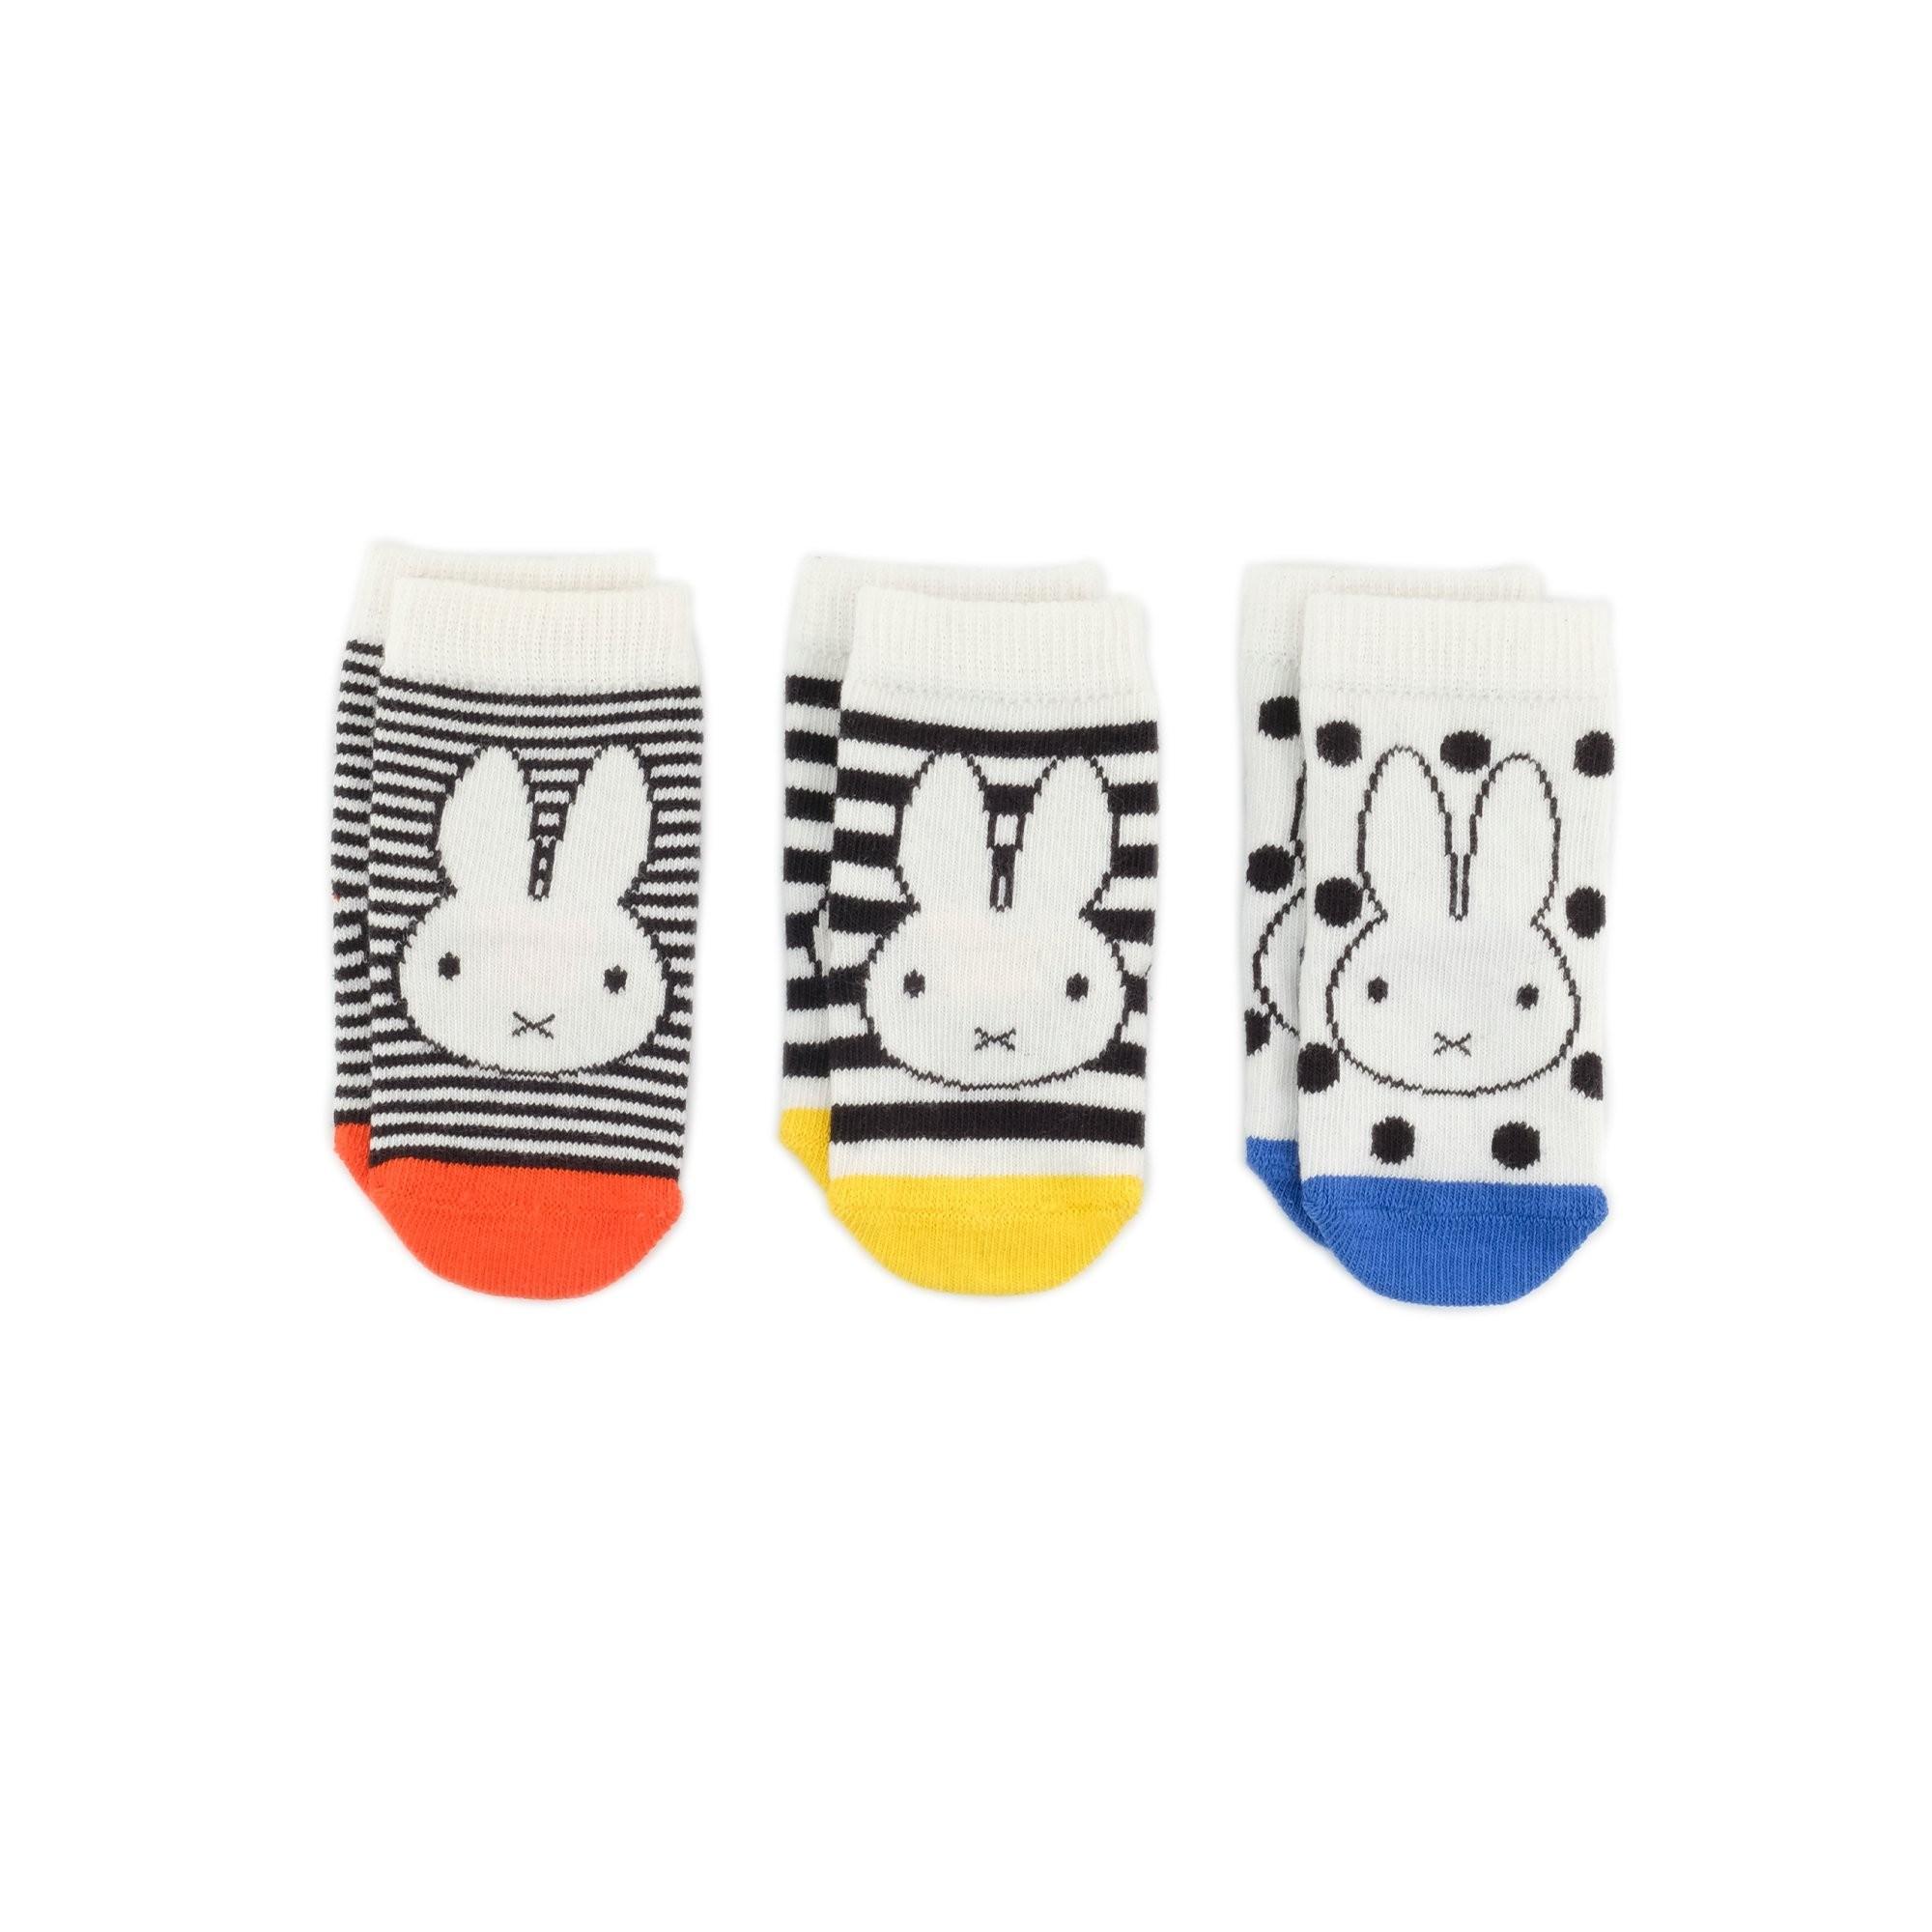 義大利Etiquette x Miffy米飛兔聯名禮盒3襪組